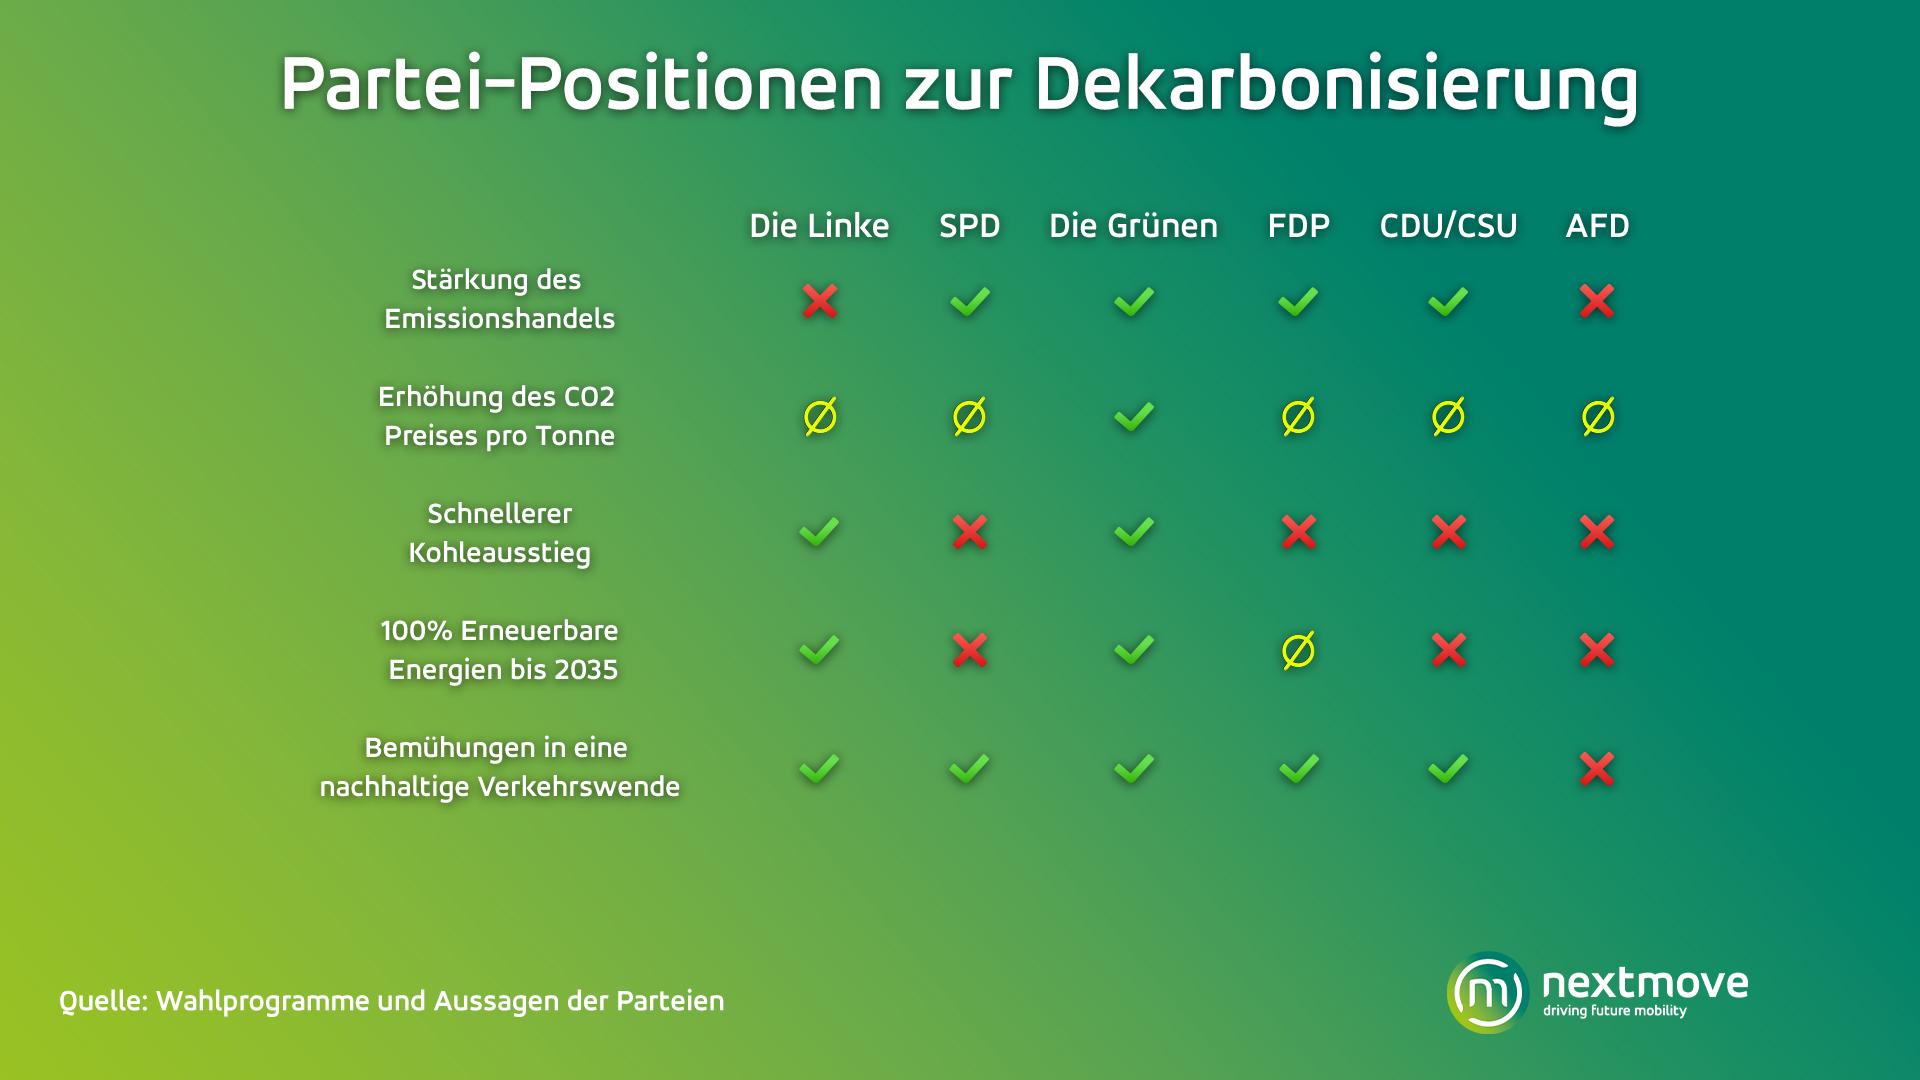 Partei-Positionen zur Dekarbonisierung